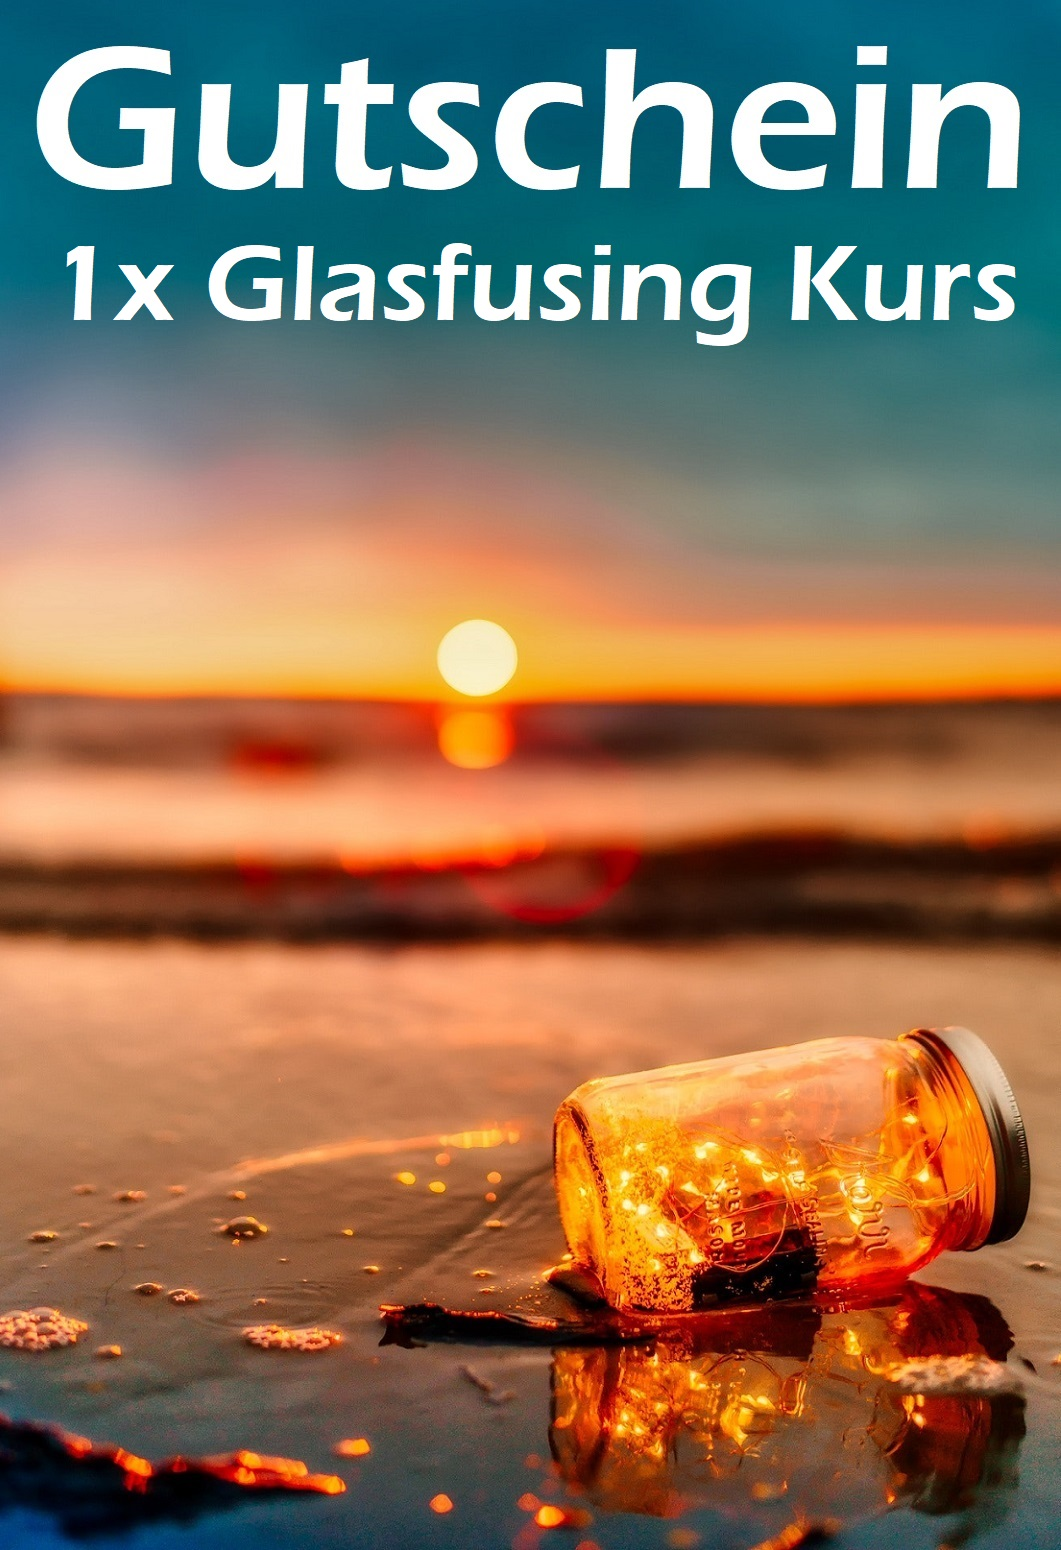 Gutscheinvorlage fürs Glasfusing